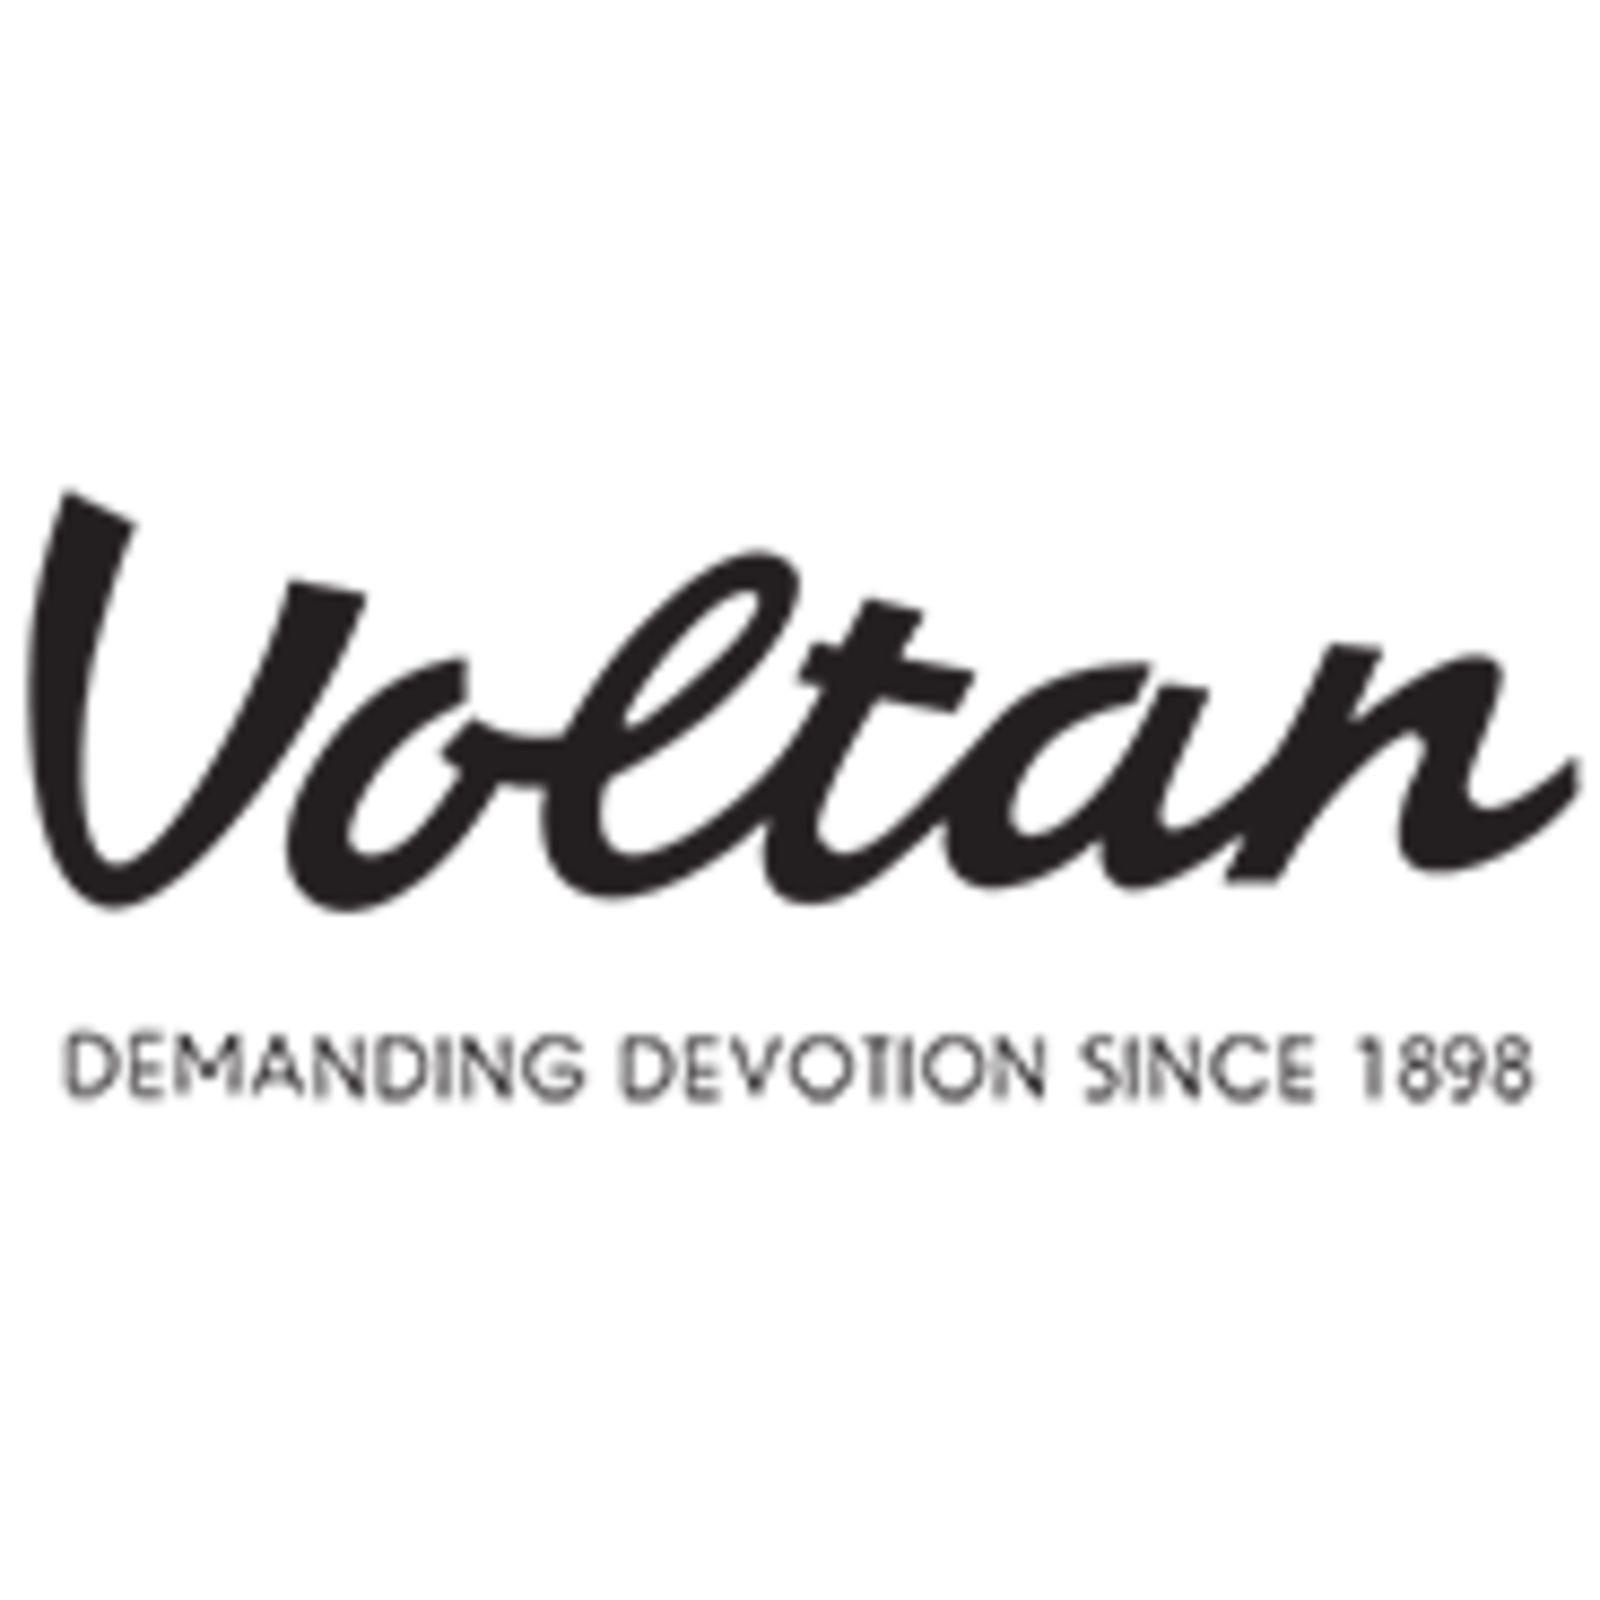 Voltan1898